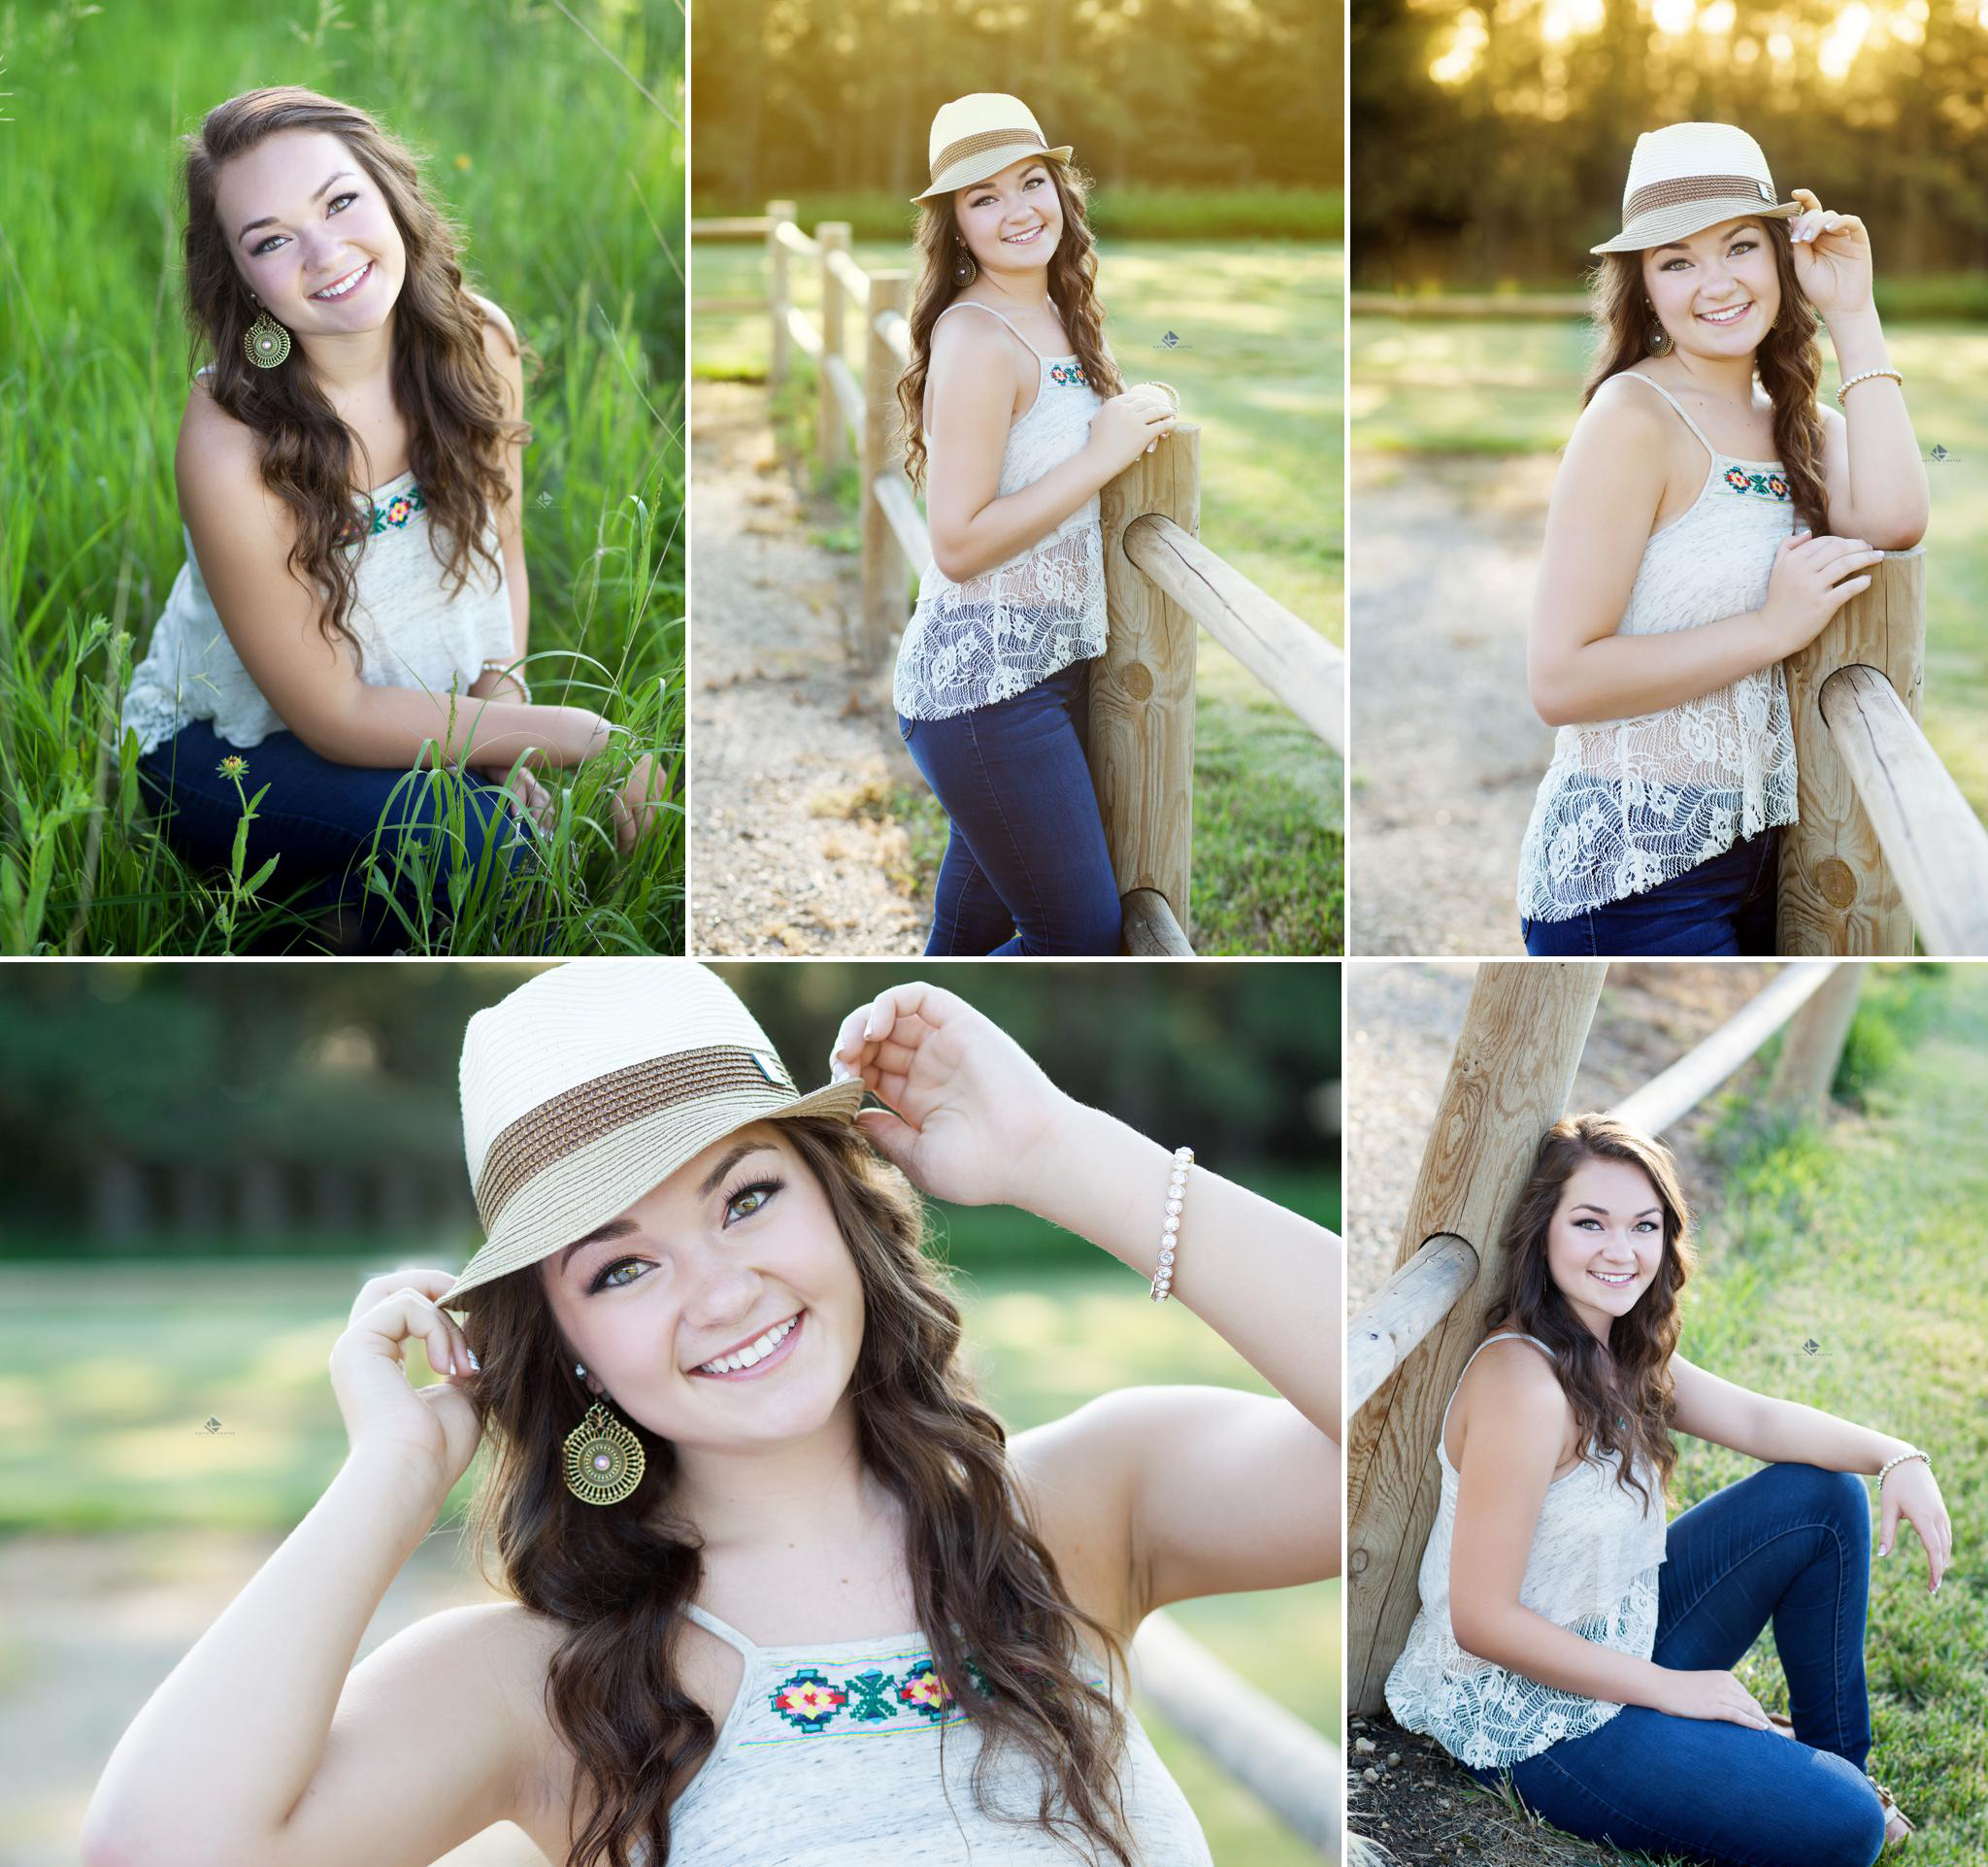 Country Senior Images by Katie Swatek Photography | Senior Photos with a Fedora by Katie Swatek Photography